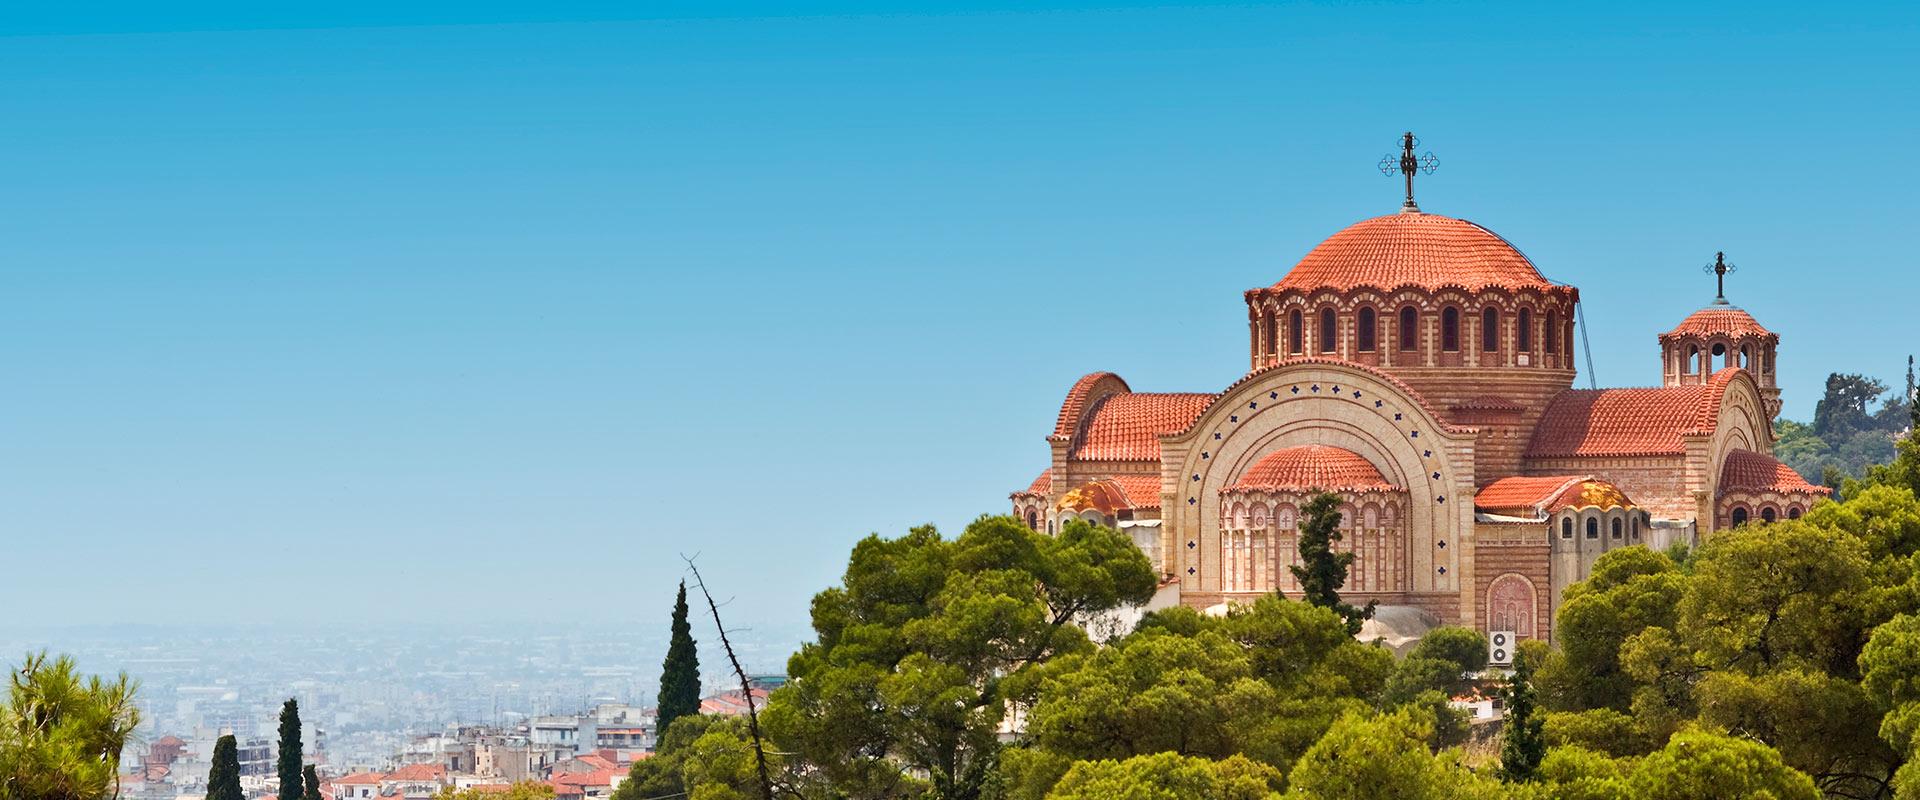 Bild Thessaloniki